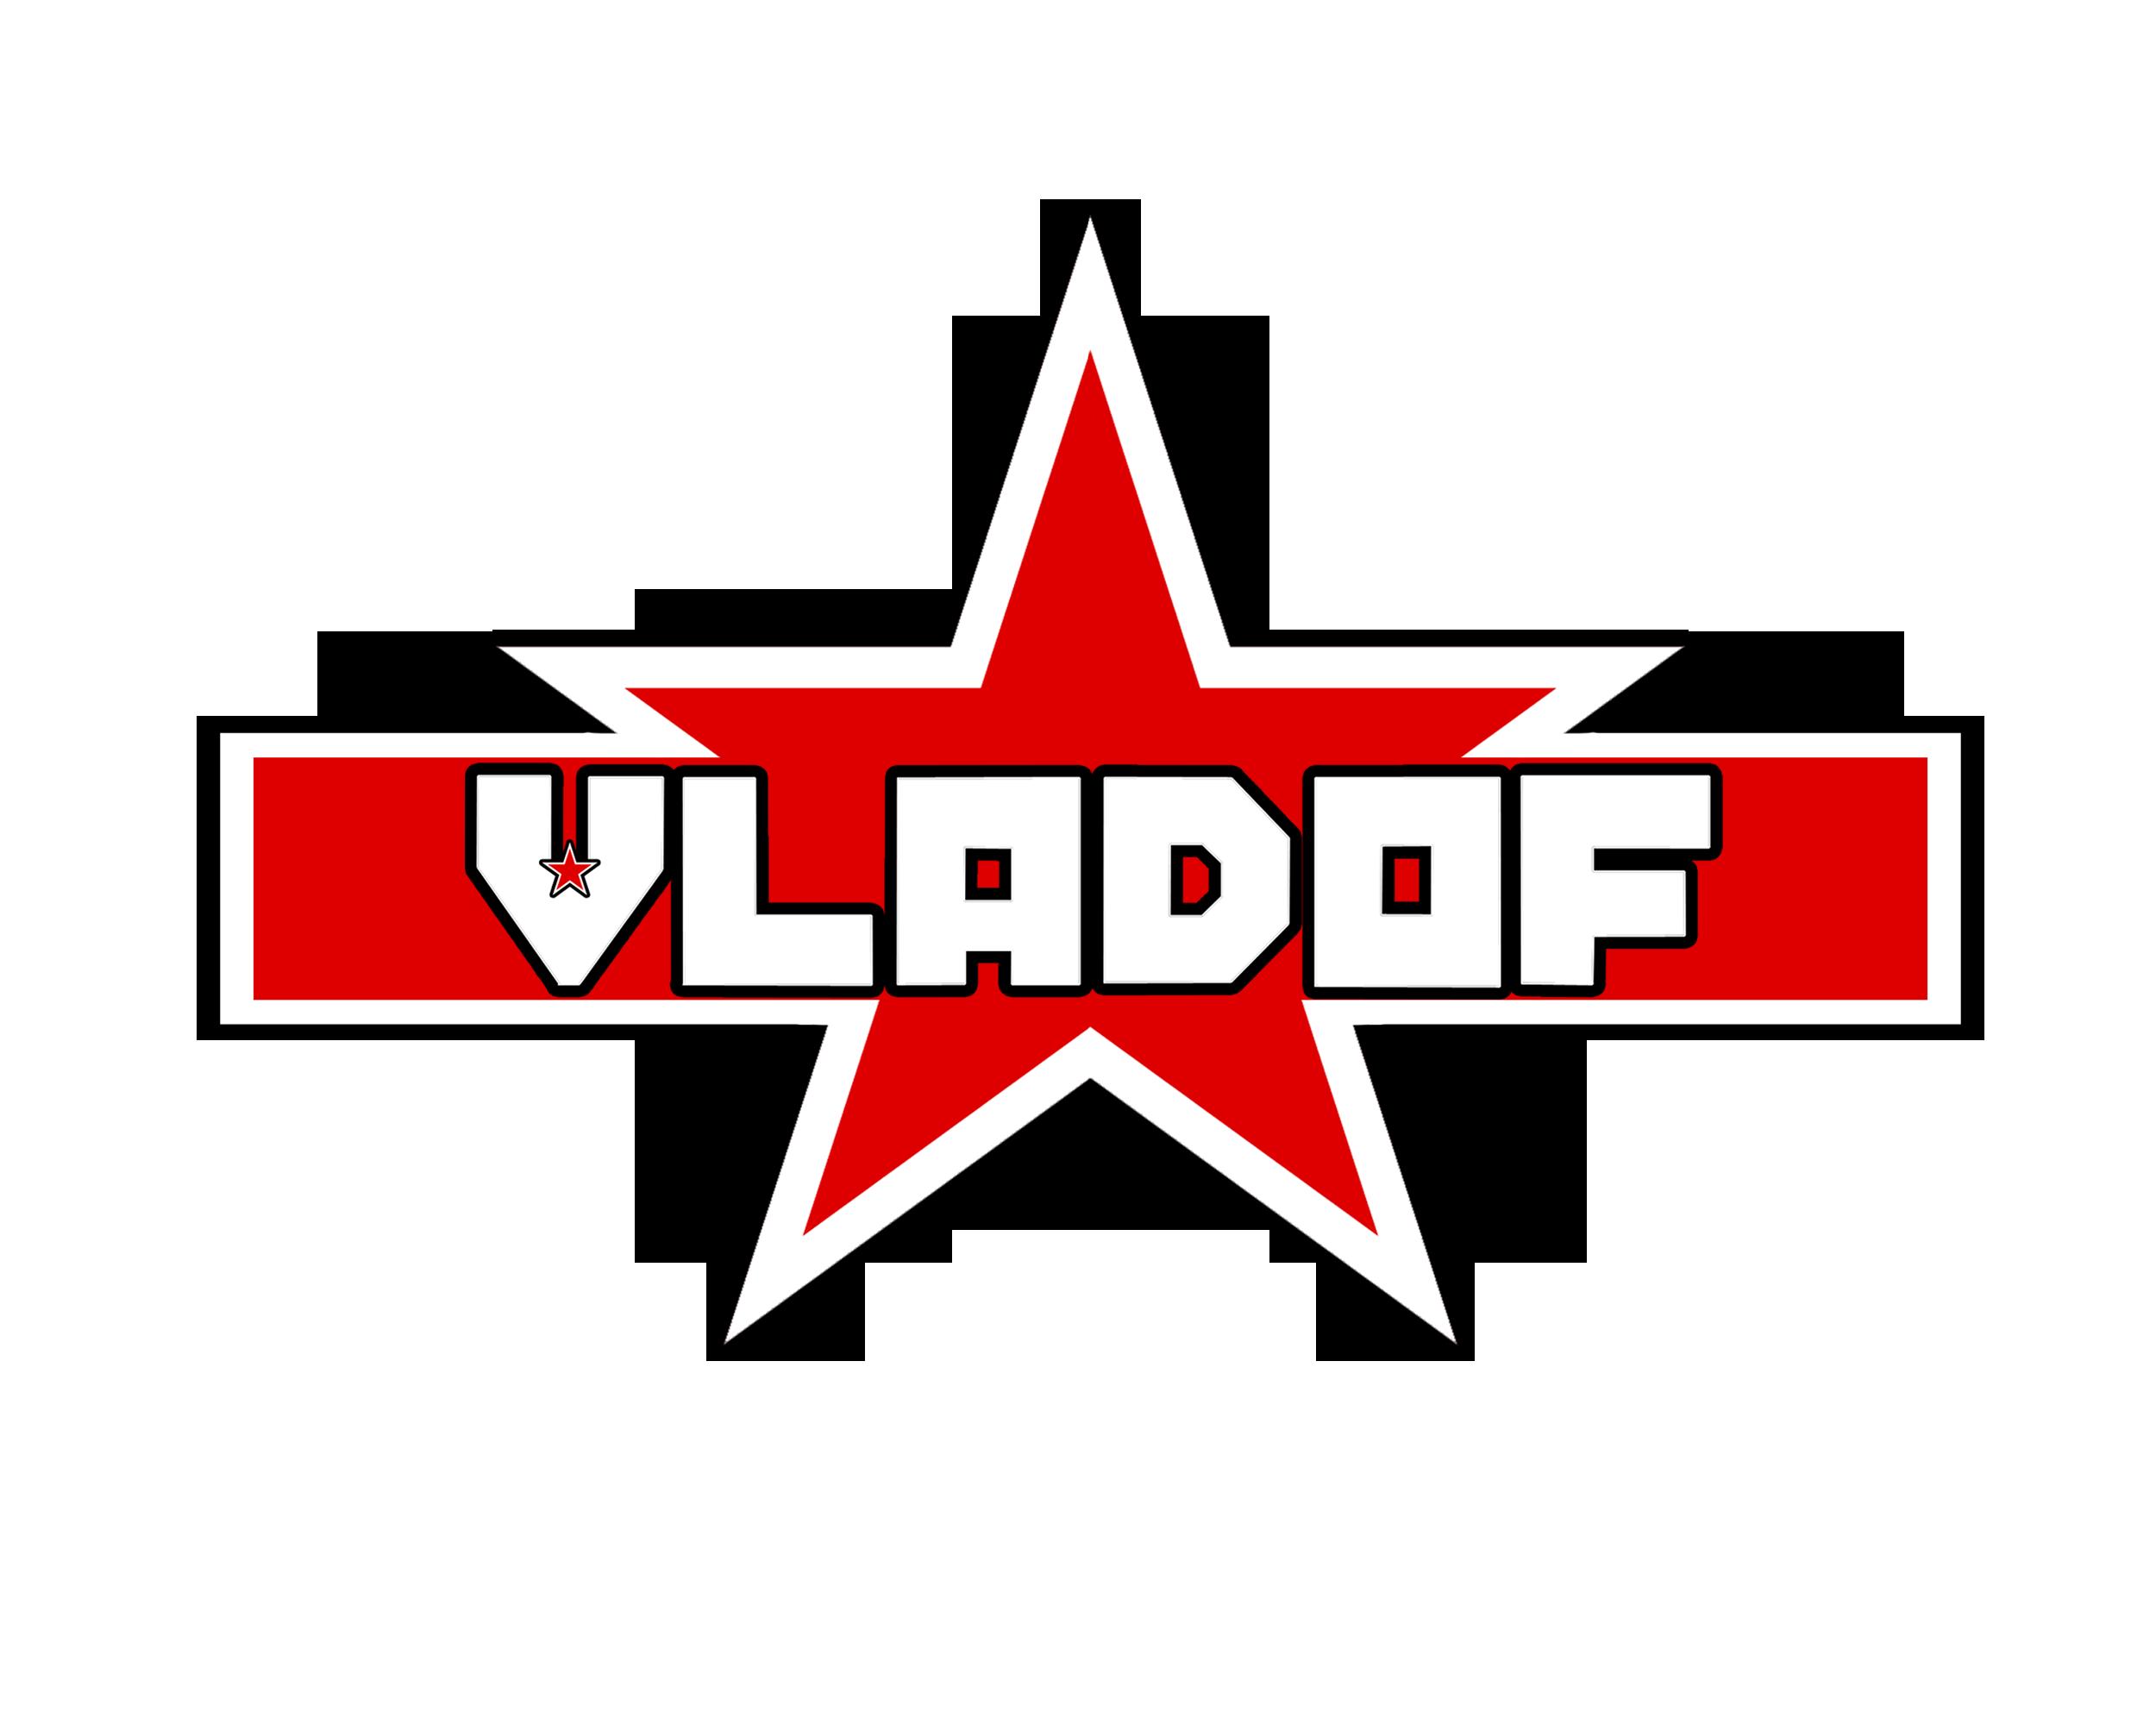 Assassin S Creed Soviet Star Logo By Ceekaysickart On Deviantart Assassin Logo Star Logo Assassins Creed Logo